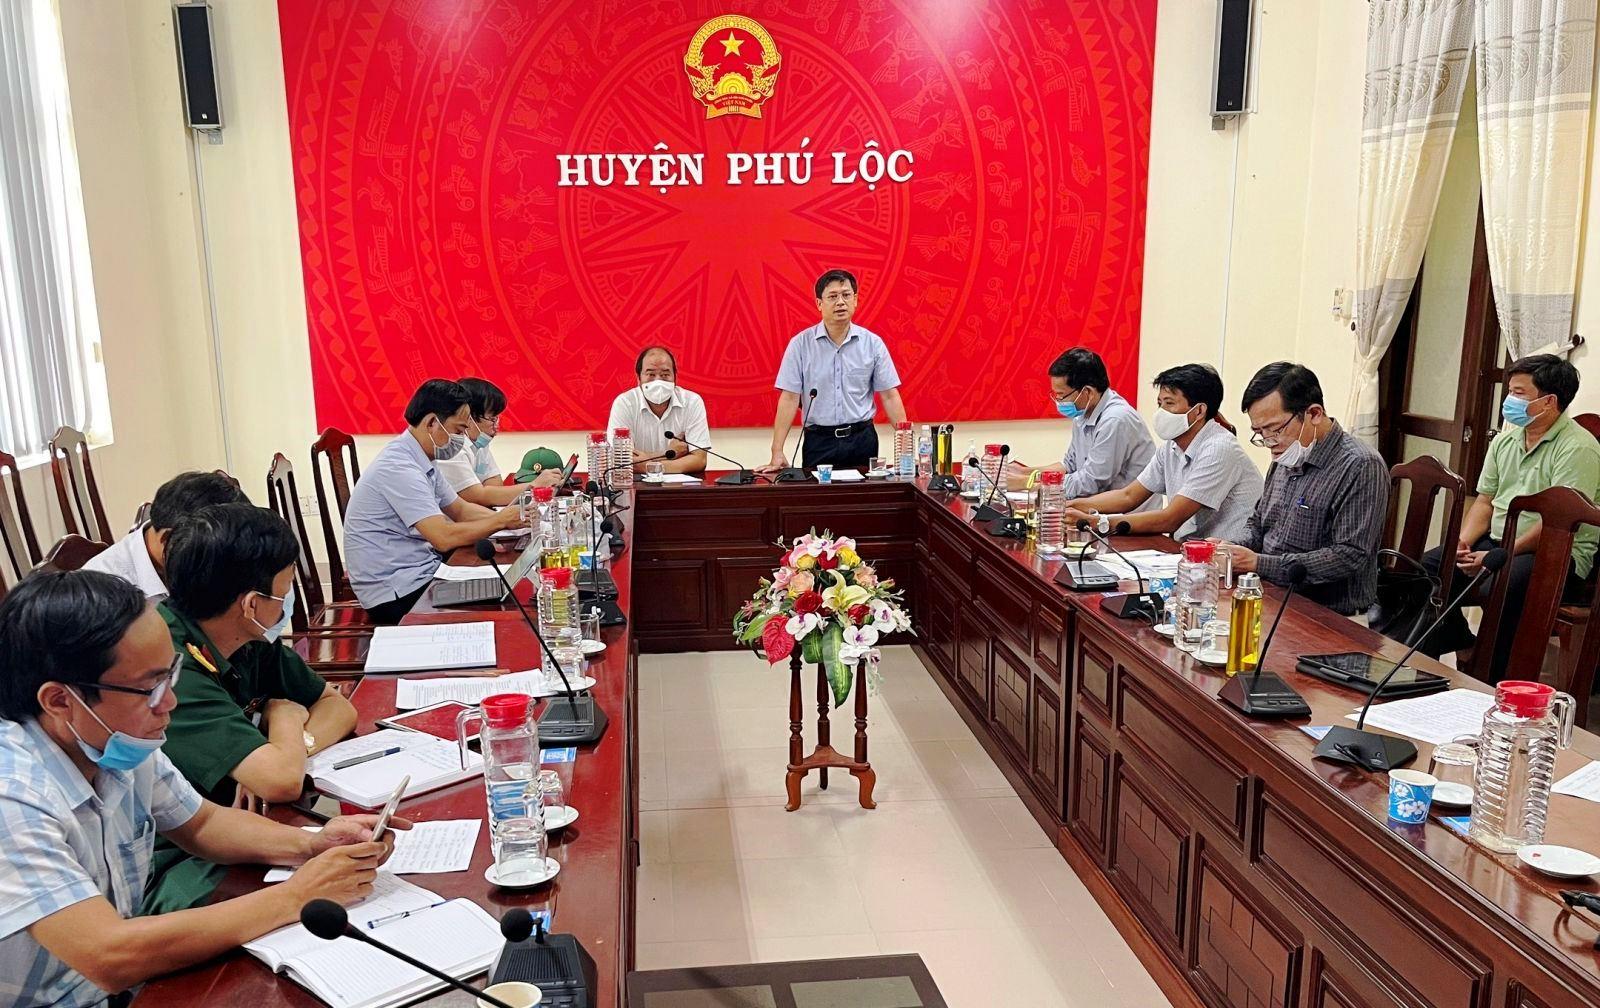 Ông Nguyễn Thanh Bình, chỉ đạo công tác phòng chống dịch COVID-19 tại huyện Phú Lộc